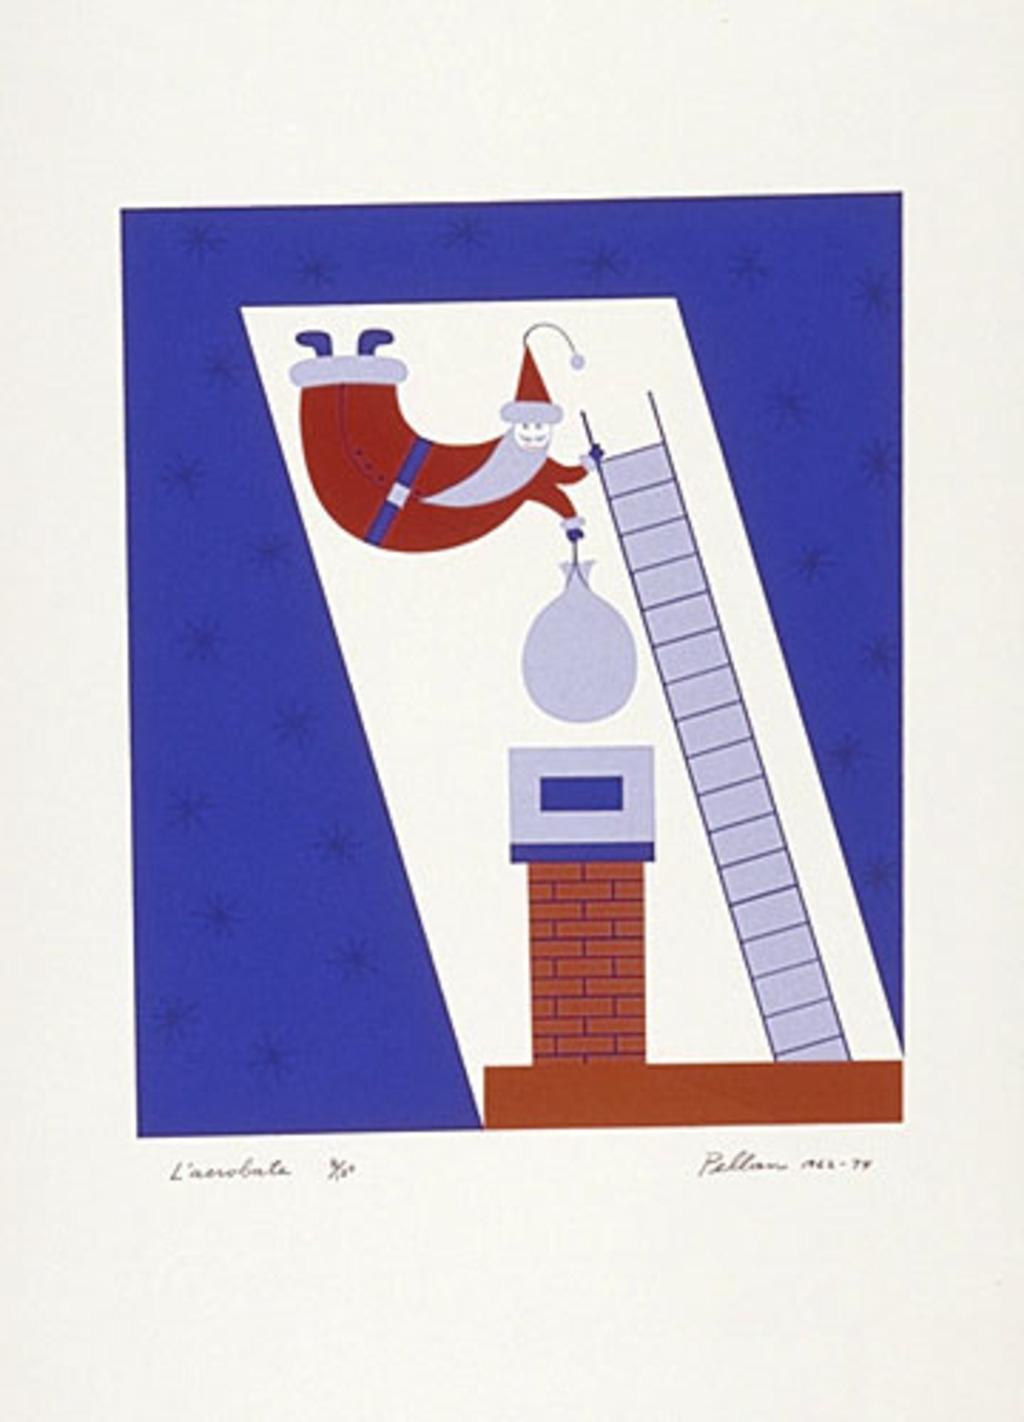 L'Acrobate, du livre d'artiste «Les Pères Noëls»